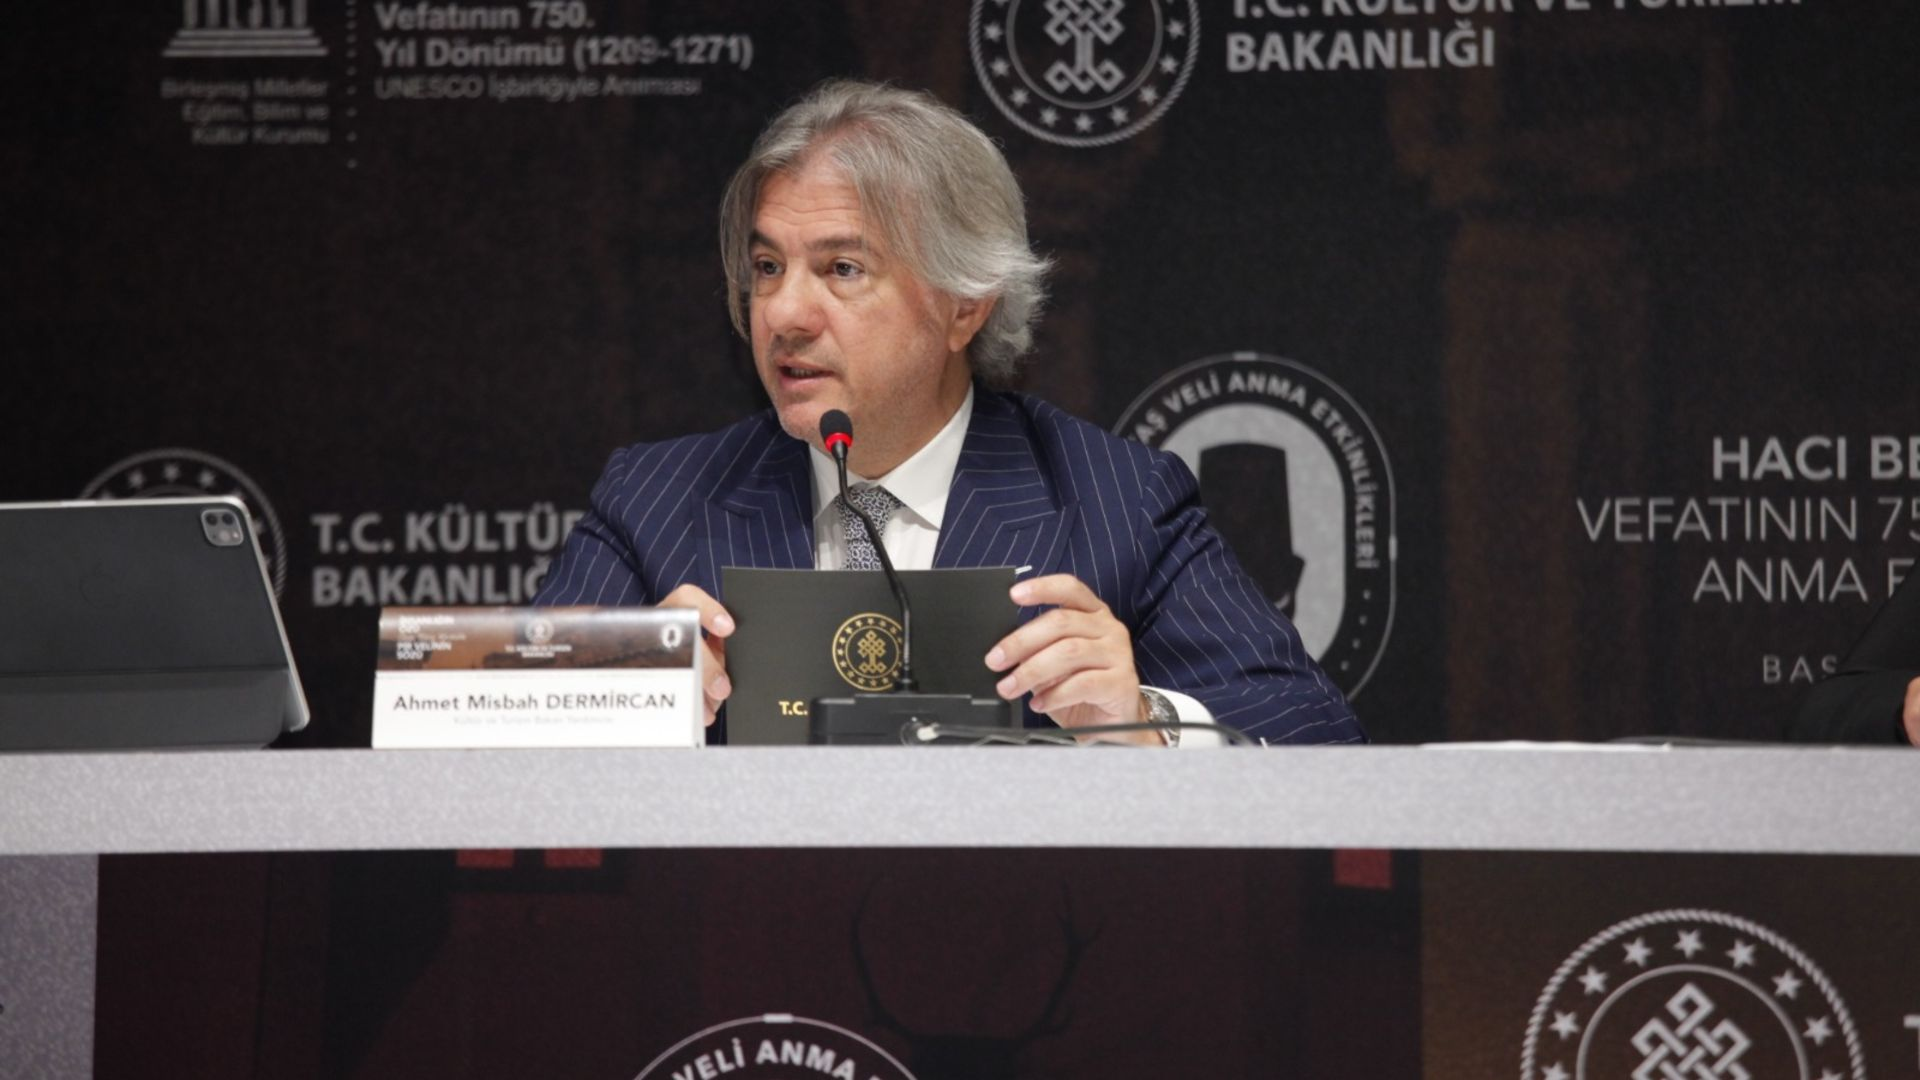 Kültür ve Turizm Bakan Yardımcısı Ahmet Misbah Demircan: UNESCO iş birliğiyle ev sahipliği yaptık